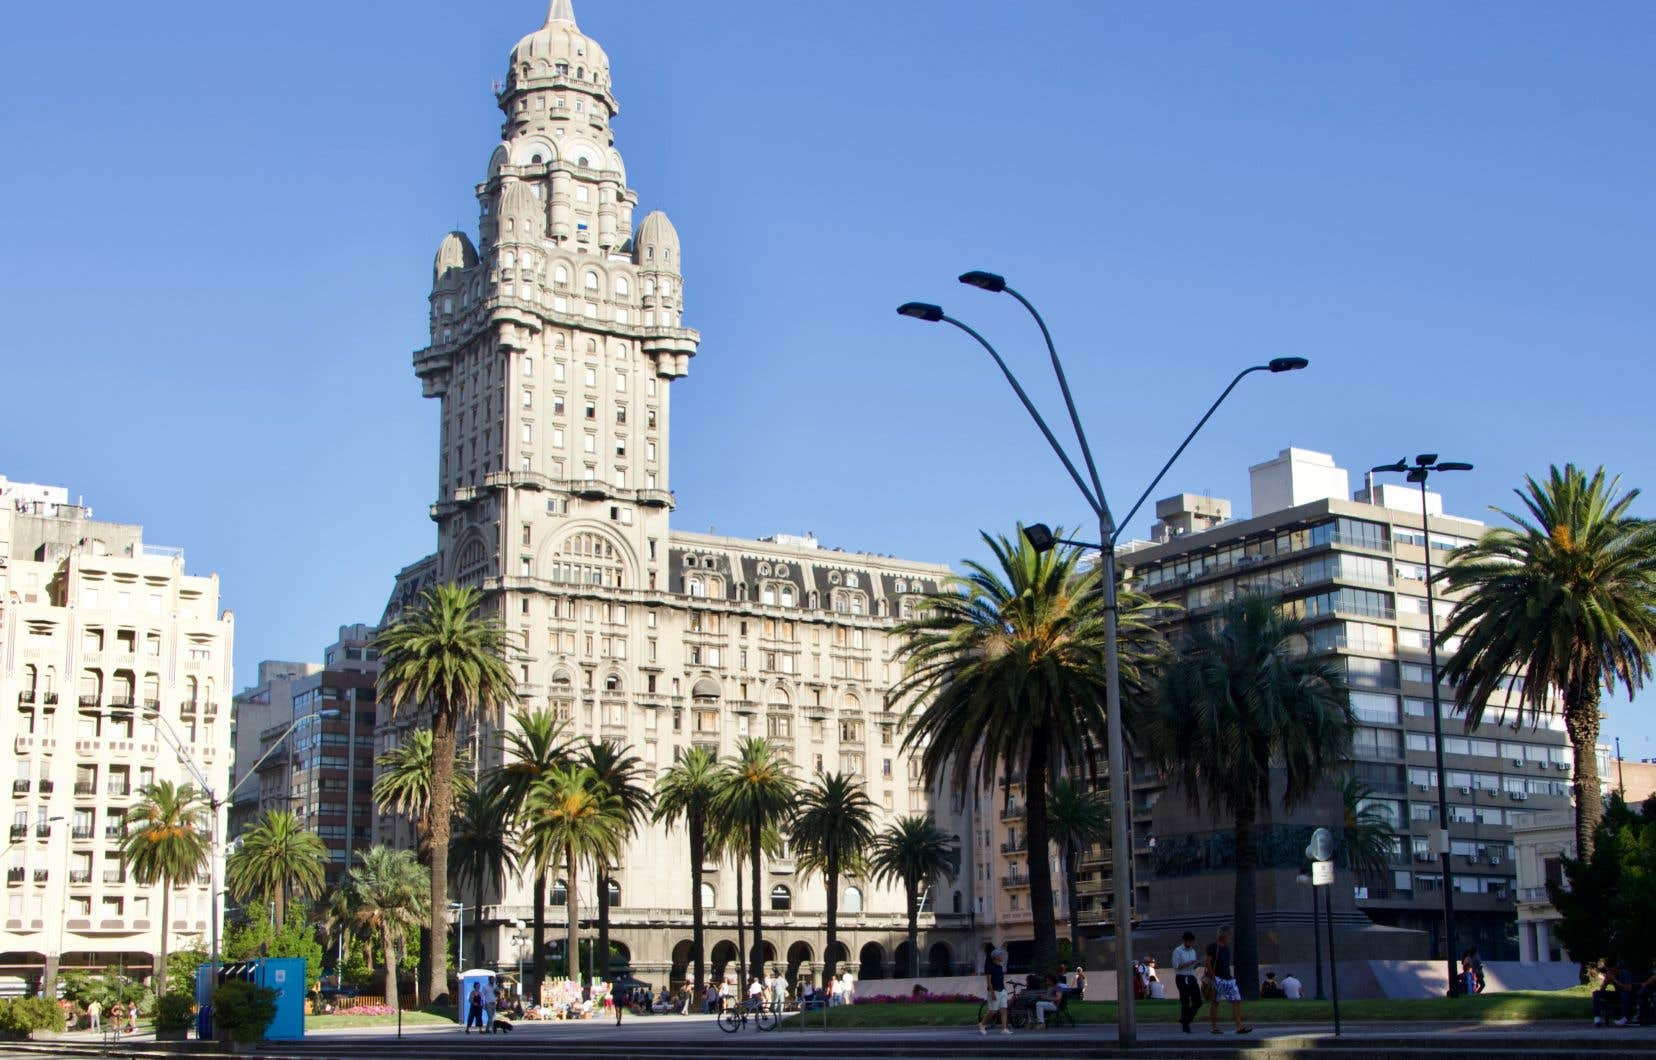 Le Palacio Salvo fait écho au Palacio Barolo, construit en face, à Buenos Aires, en Argentine, par le même architecte, Mario Palanti.